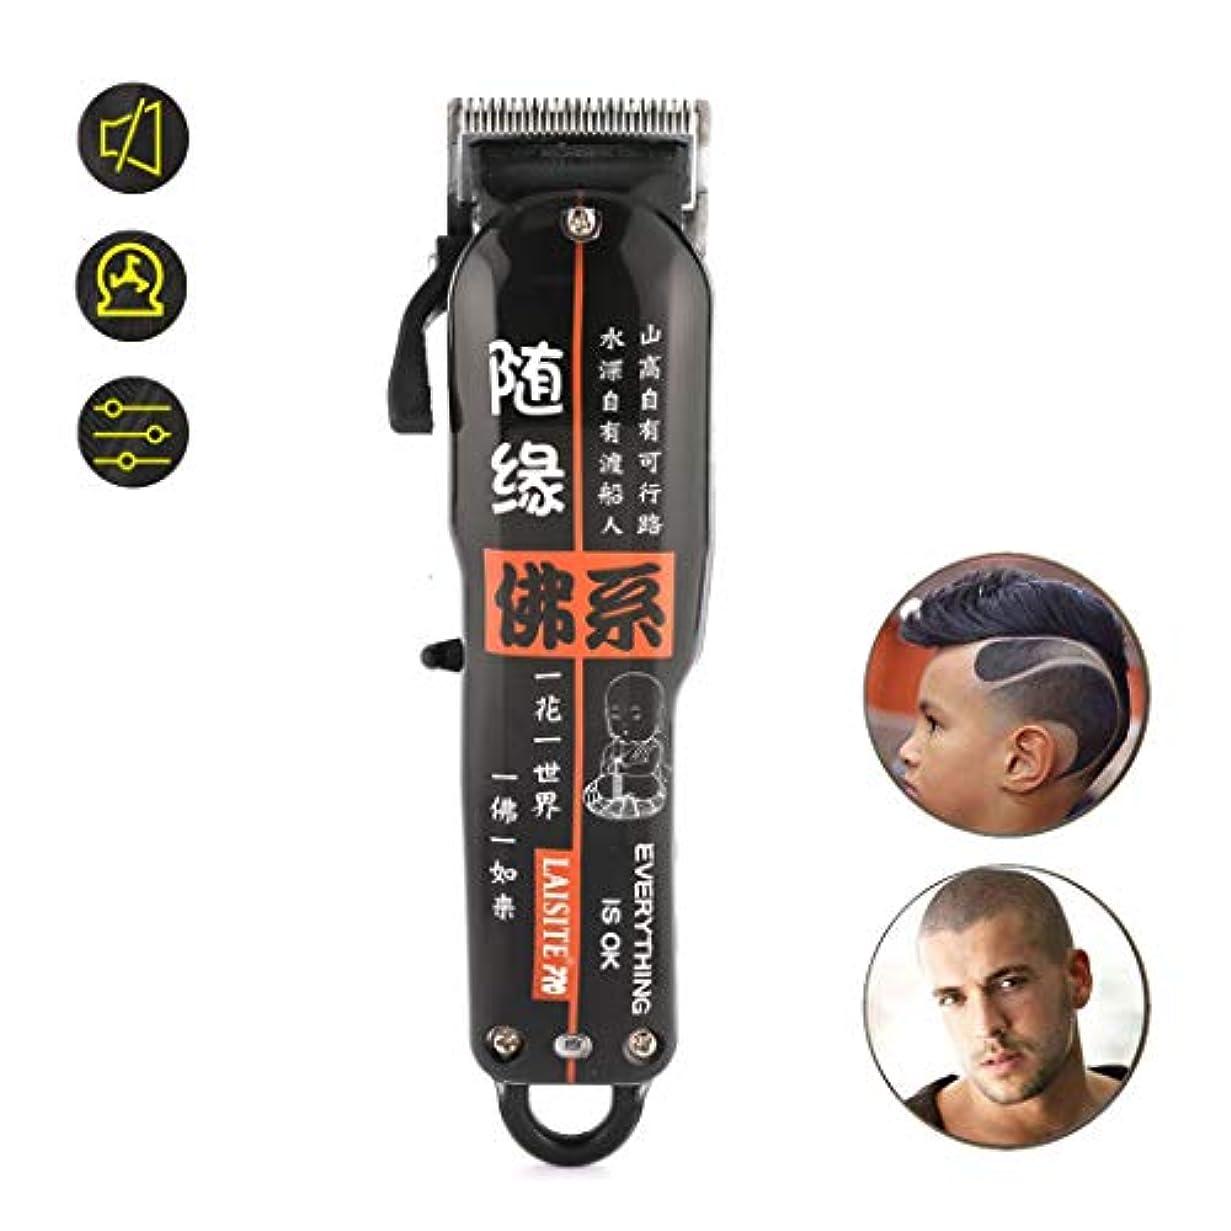 葉段落肉バリカン人の毛クリッパーの充電式毛クリッパーの男性の子供のための電気ひげのトリマー-B